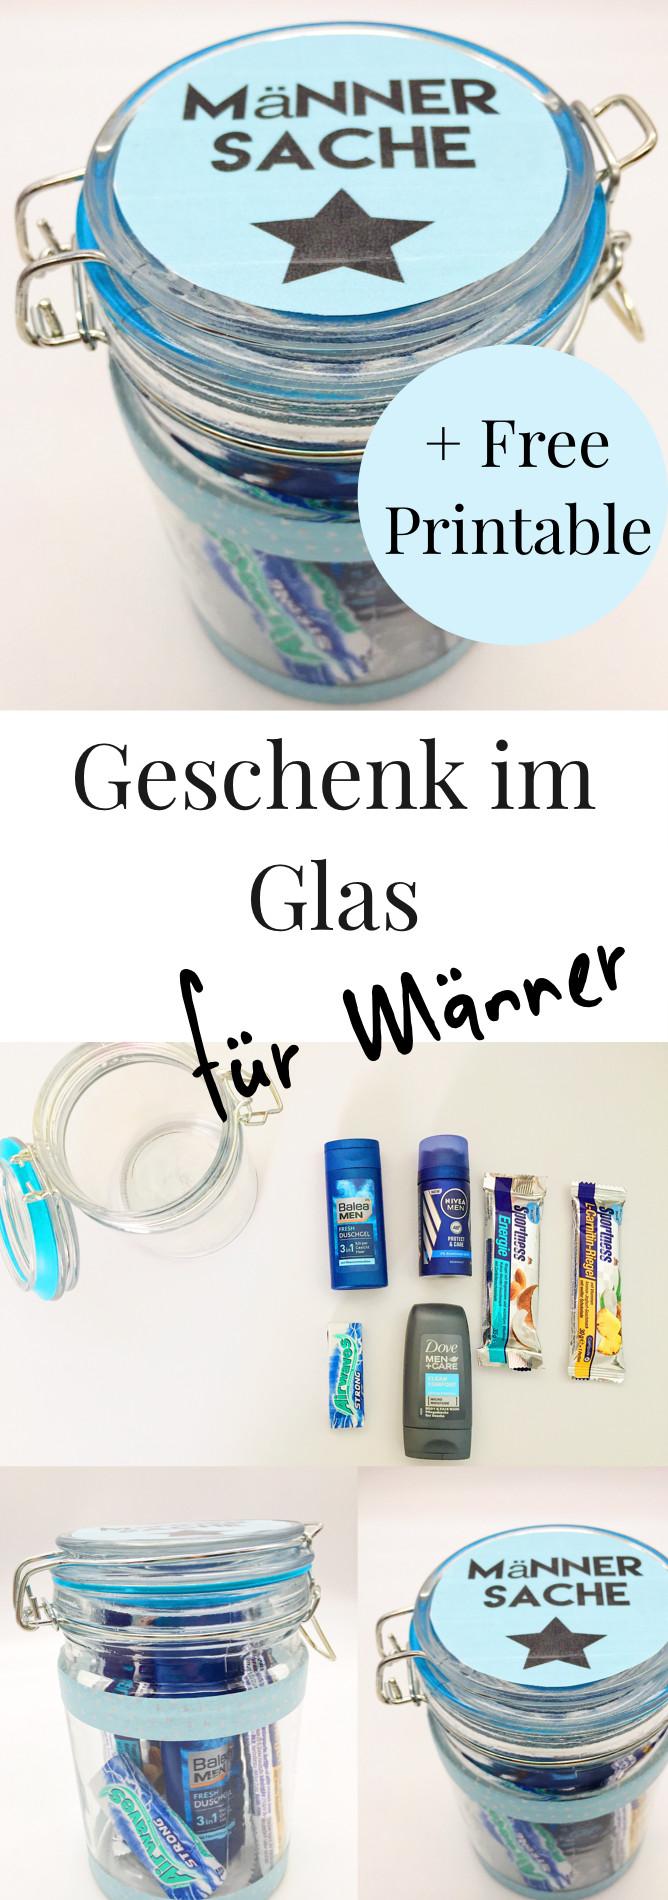 Diy Geschenk Für Freund  DIY Geschenke im Glas selber machen Pinterest